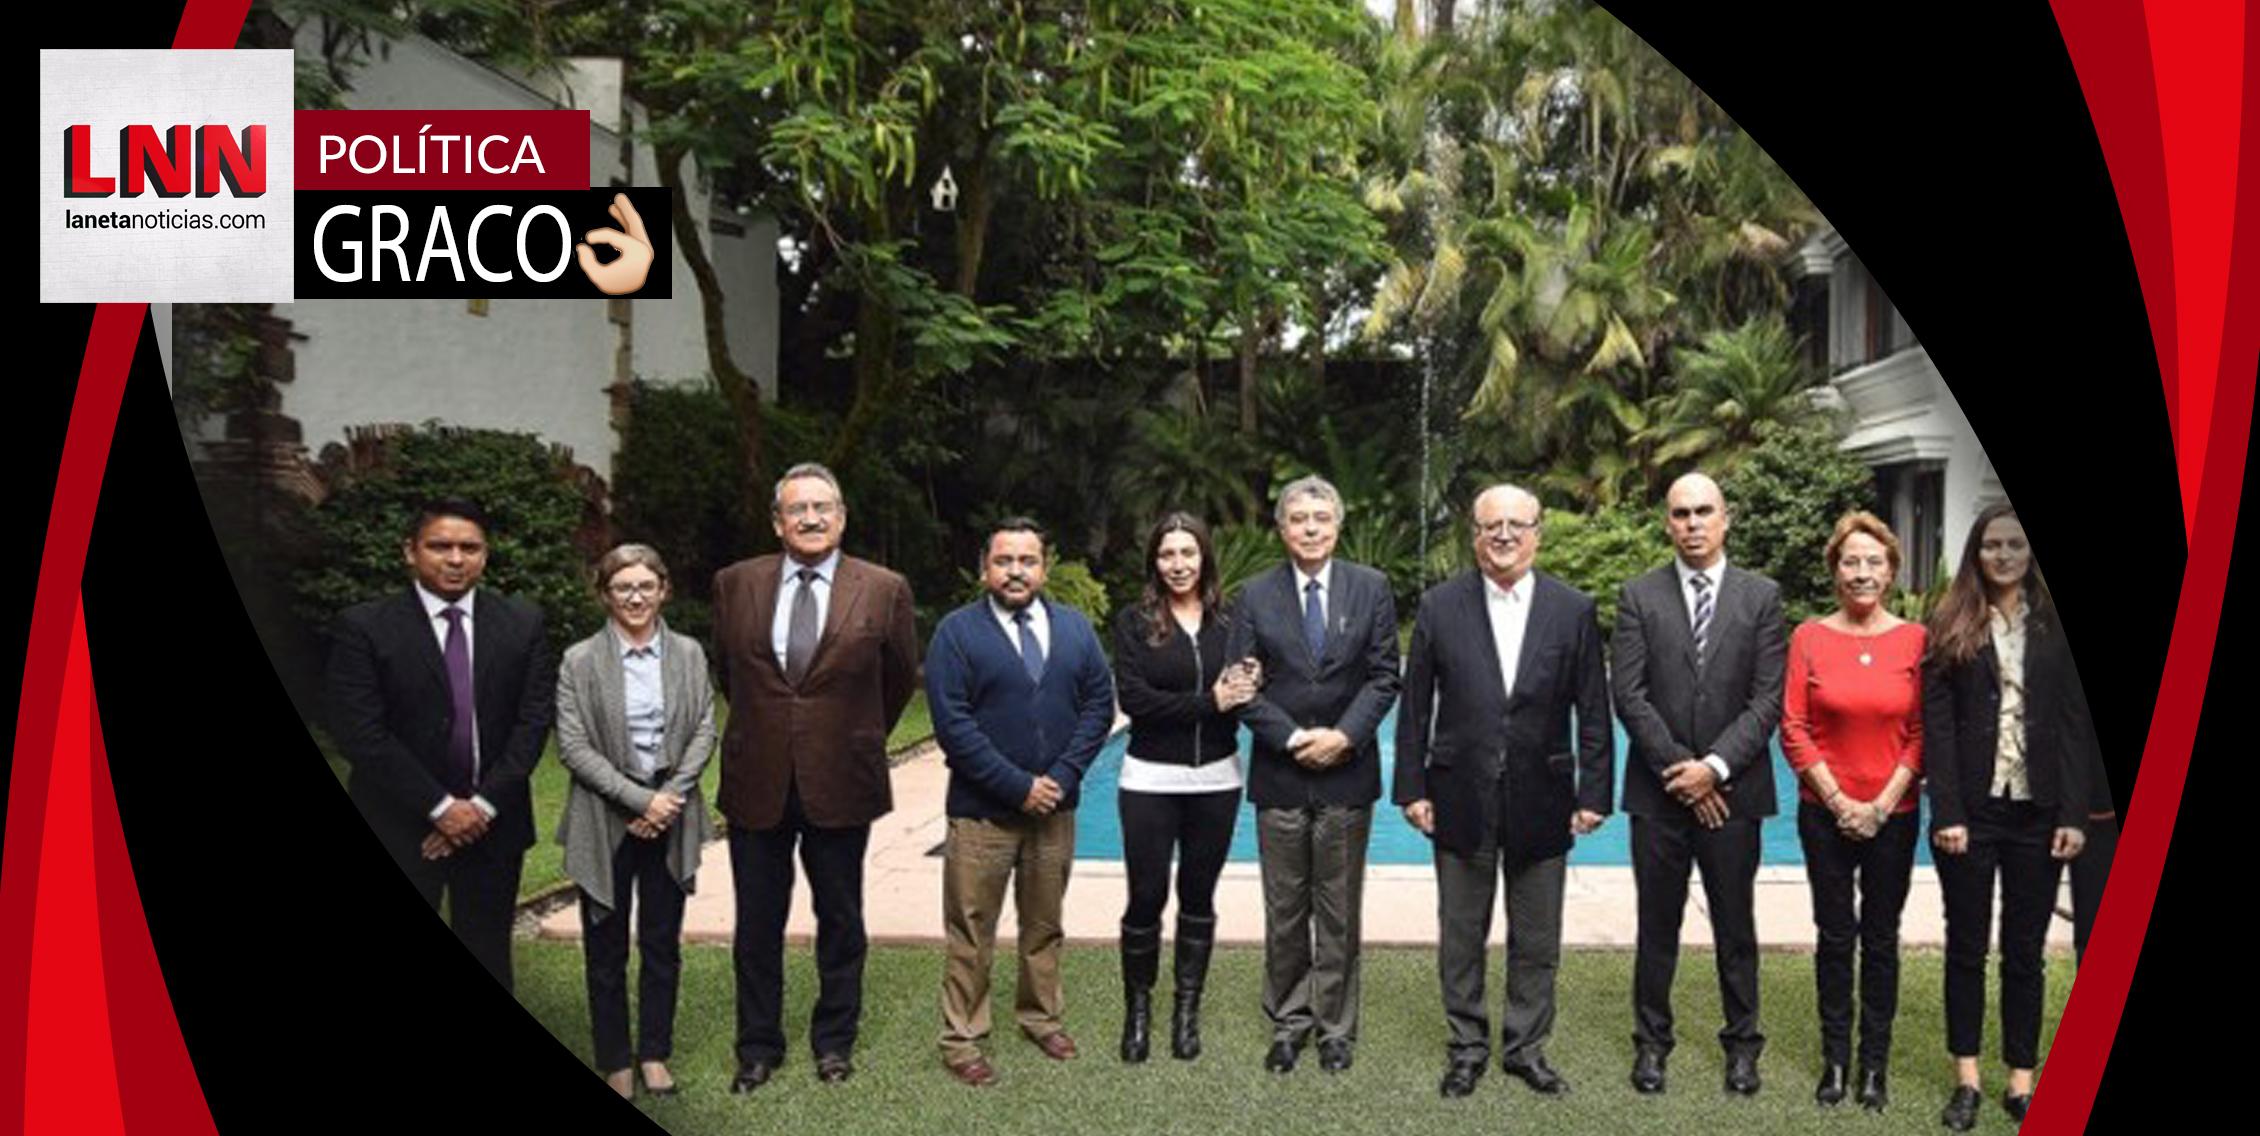 Graco Ramírez y la OCDE evalúan la aplicación de la Reforma Educativa